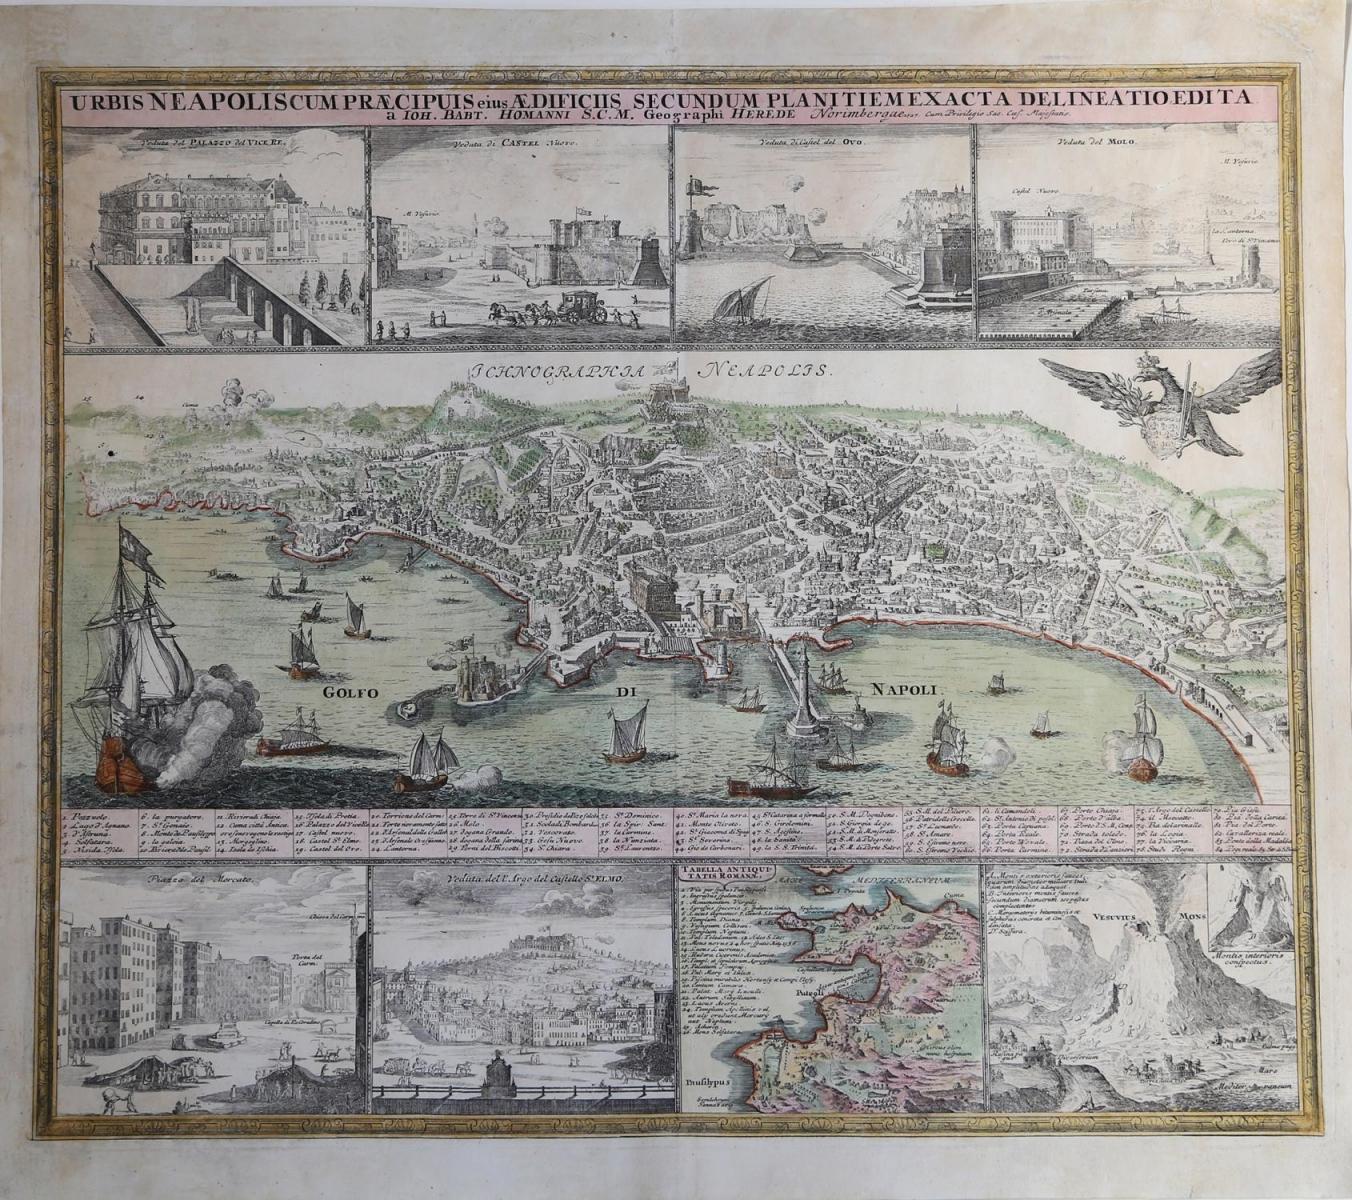 Urbis-Neapolis-Cum-Praecipuis-eius-Aedificiis-Secundum-Planitiem-Exacta-Delineatio-Edita-Eredi-Johannes-Baptiste-HOMANN-Editore-Norimberga-1727